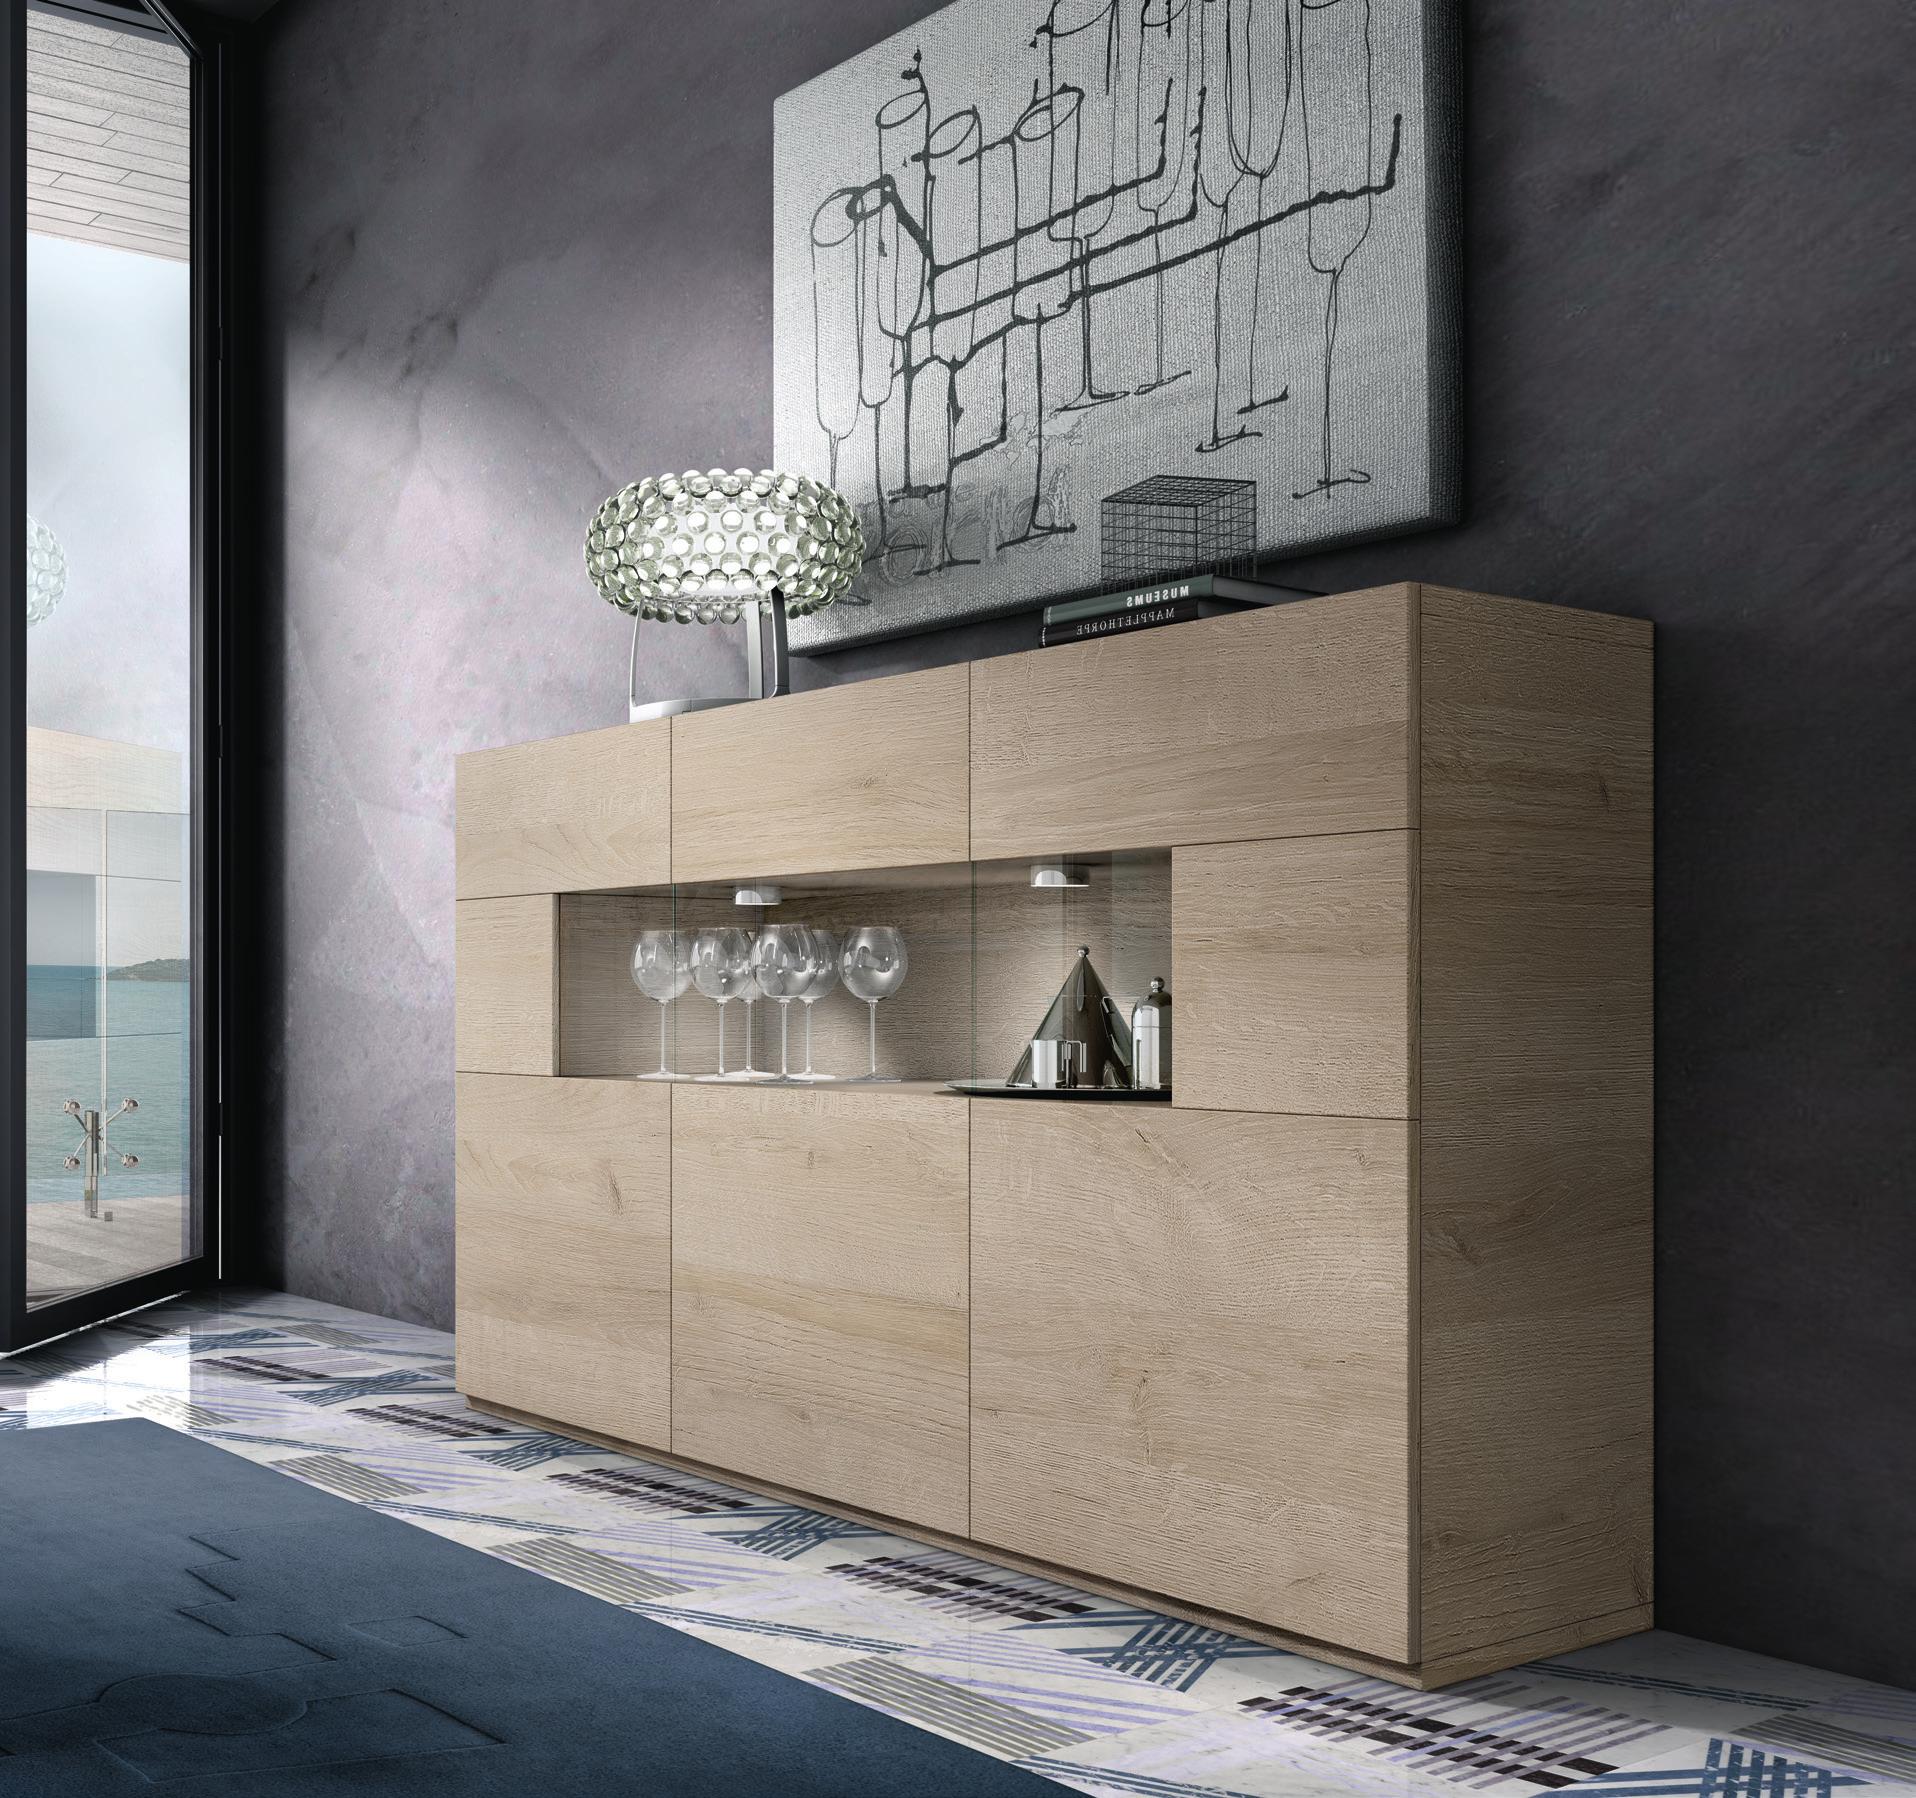 Muebles De Salon Stunning With Muebles De Salon Interesting  # Muebles Liquidatodo Valladolid